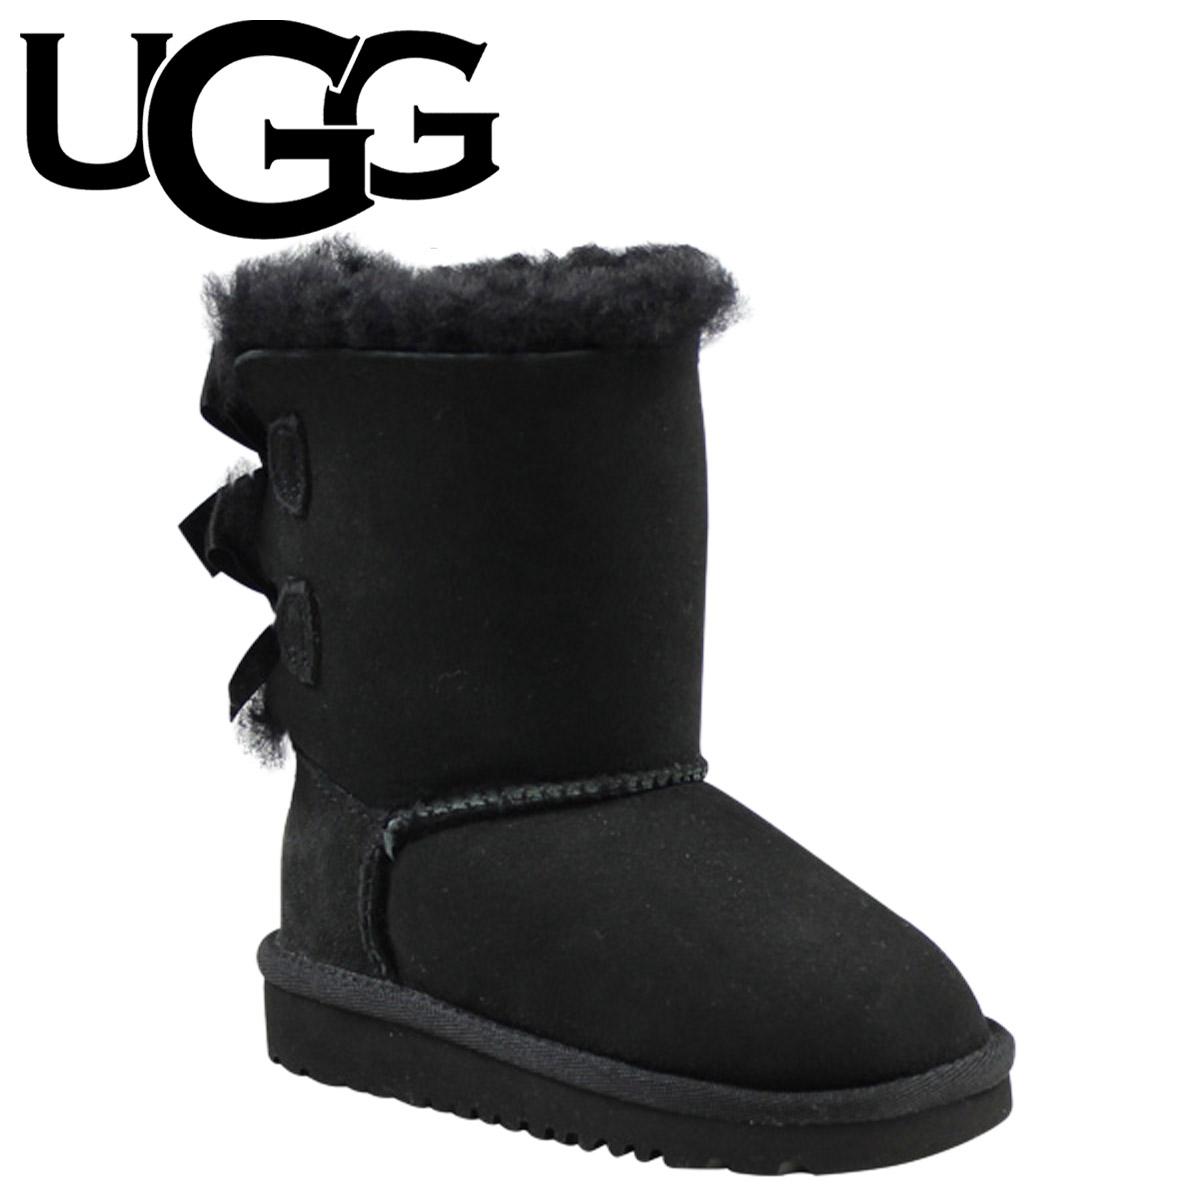 b60da872f38 Baby UGG UGG kids Bailey bow boots TODDLER BAILEY BOW 3280T Sheepskin